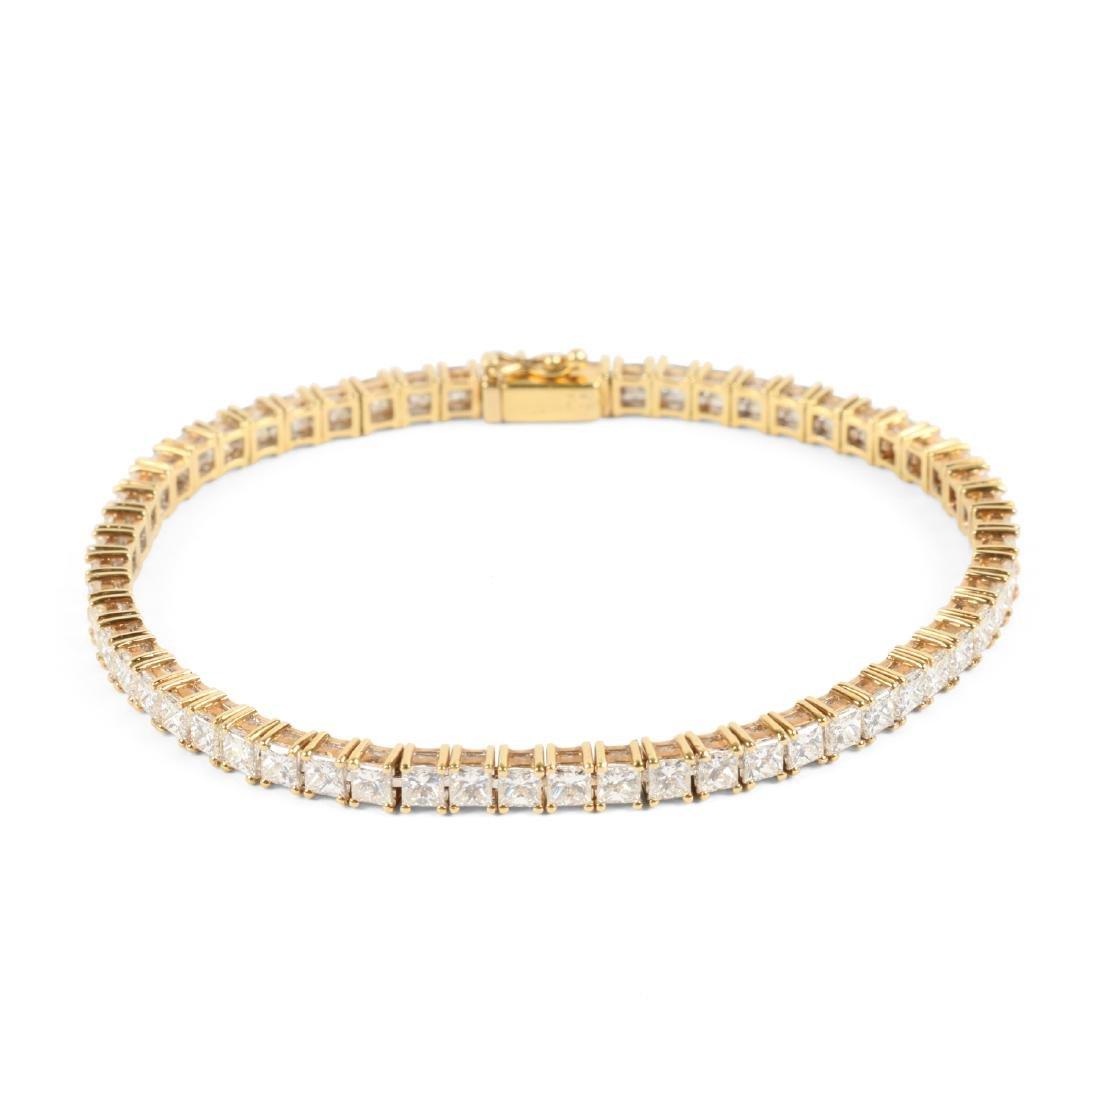 An 18K Gold, Diamond Bracelet